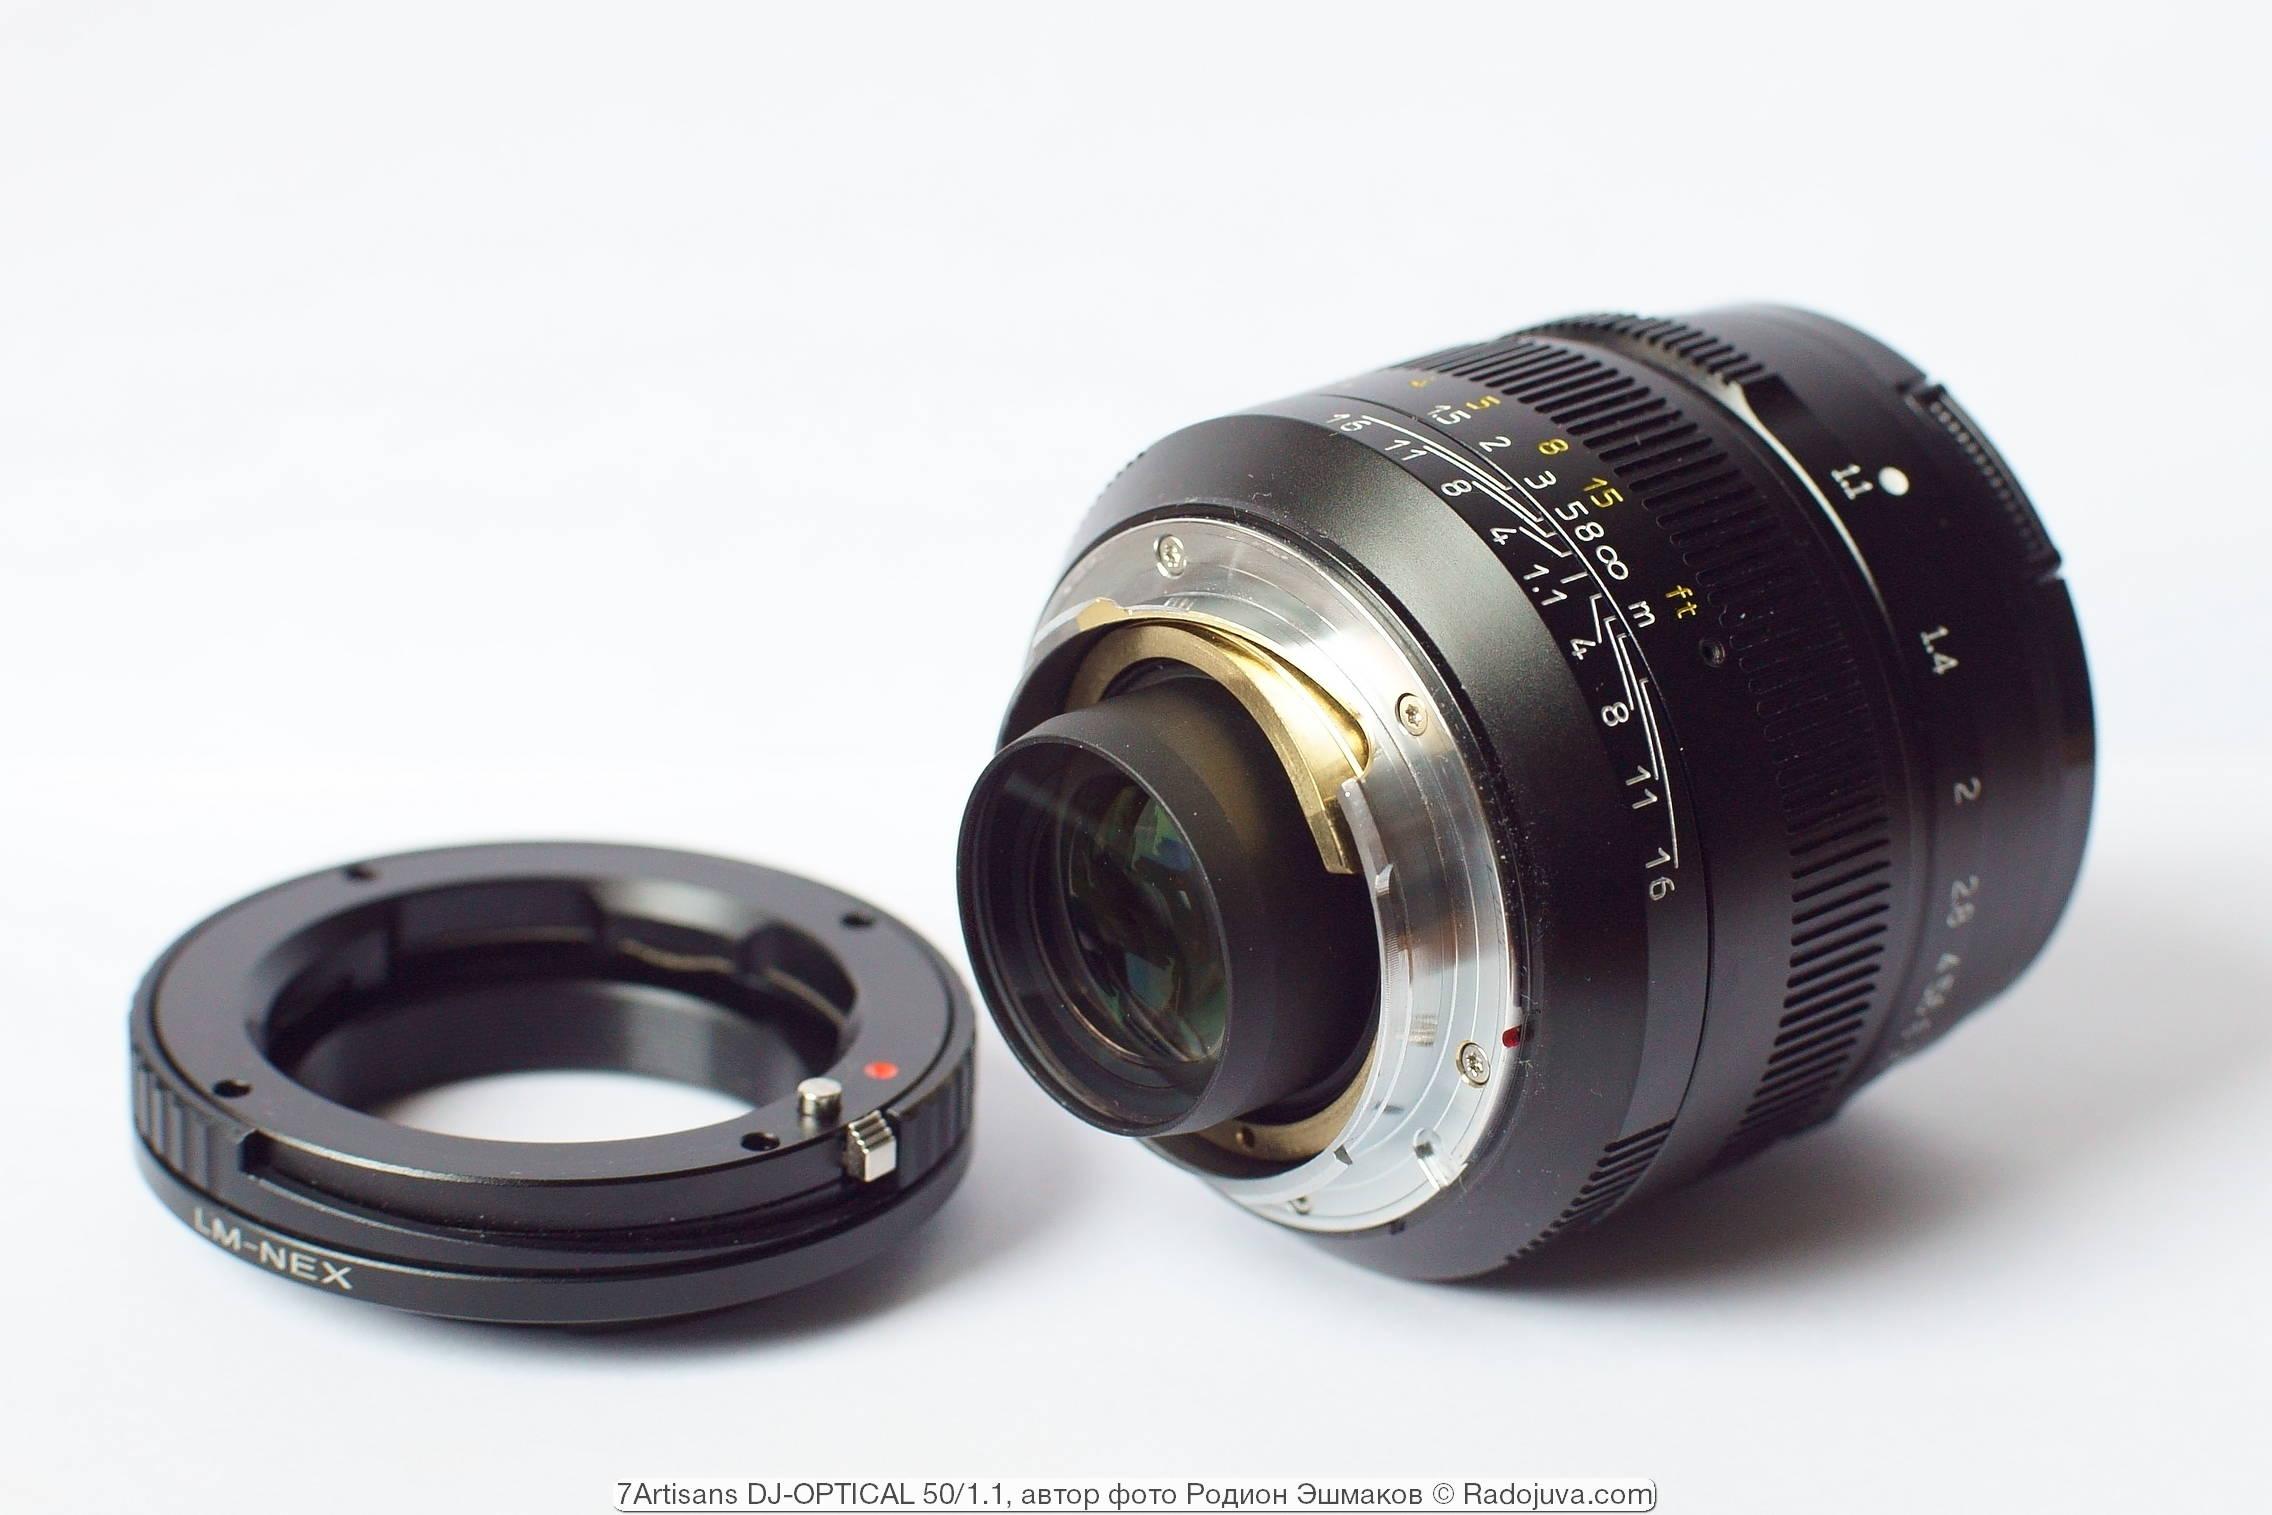 Вид 7artisans 50/1.1 со стороны байонета. Слева — адаптер Leica M-NEX, совмещенный с макрогеликоидом.